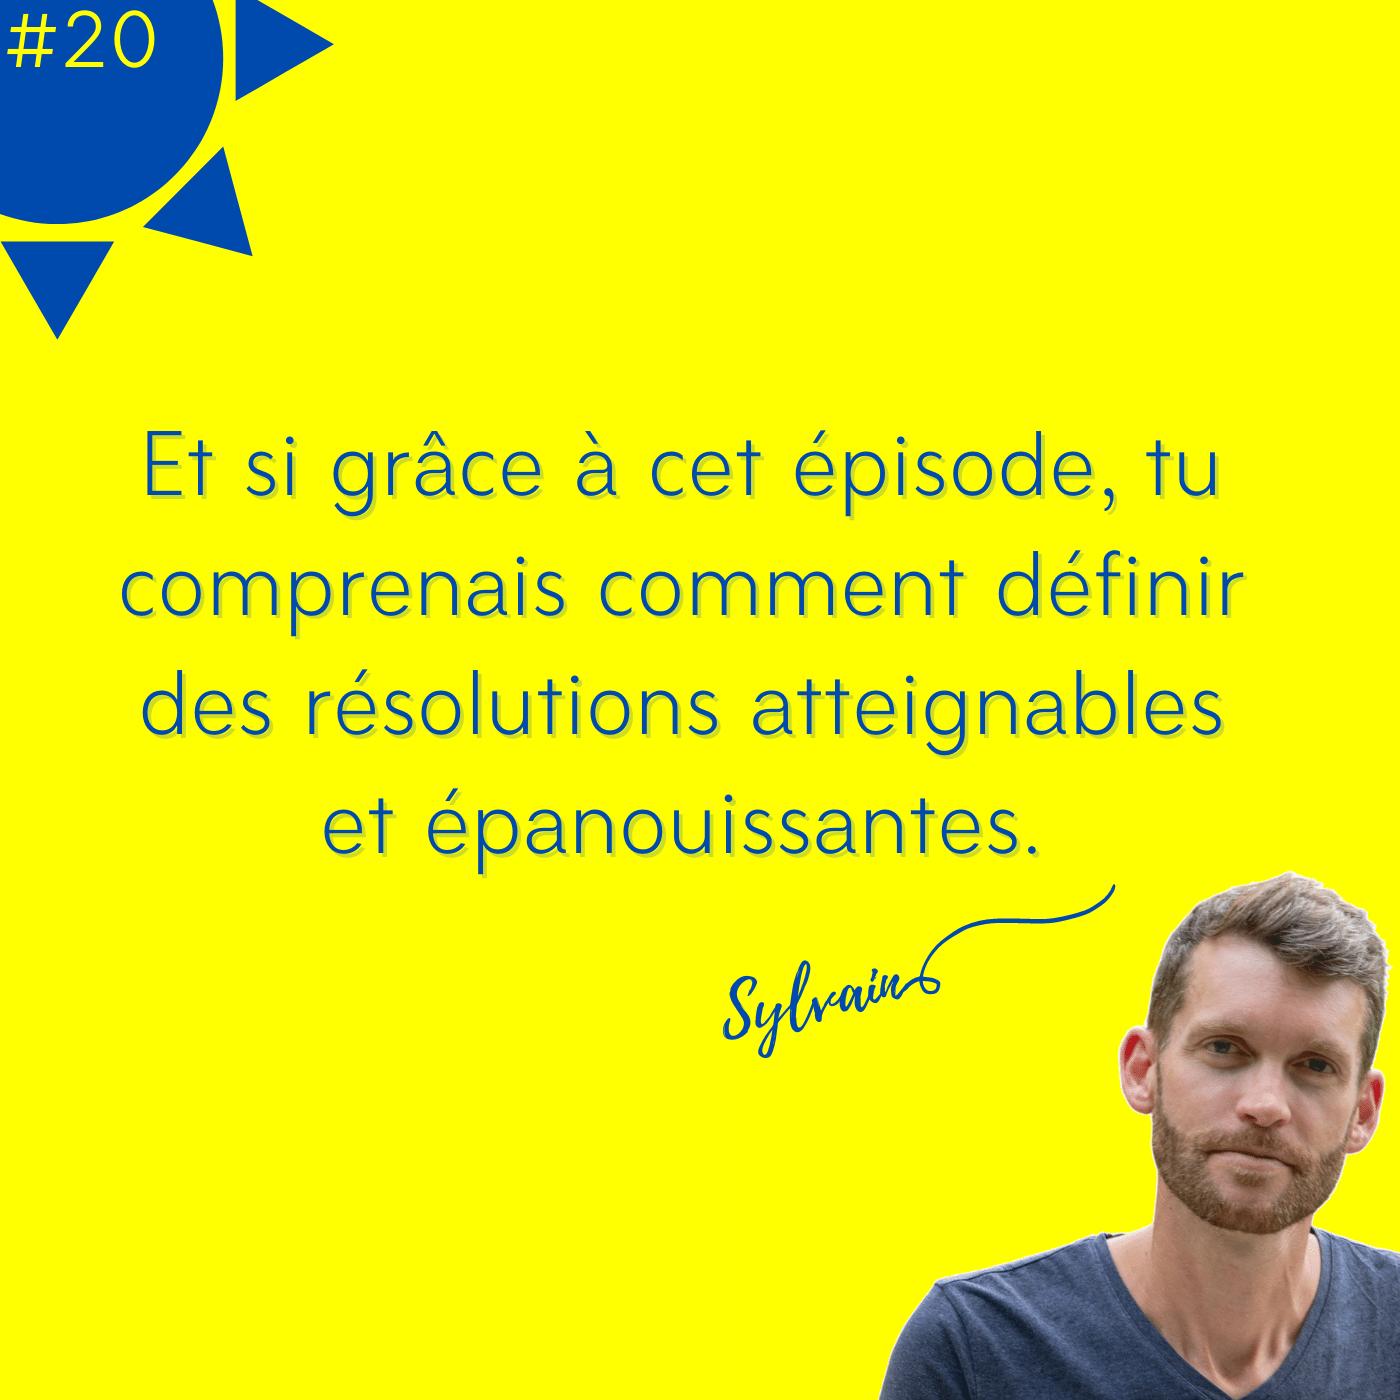 episode S1E102